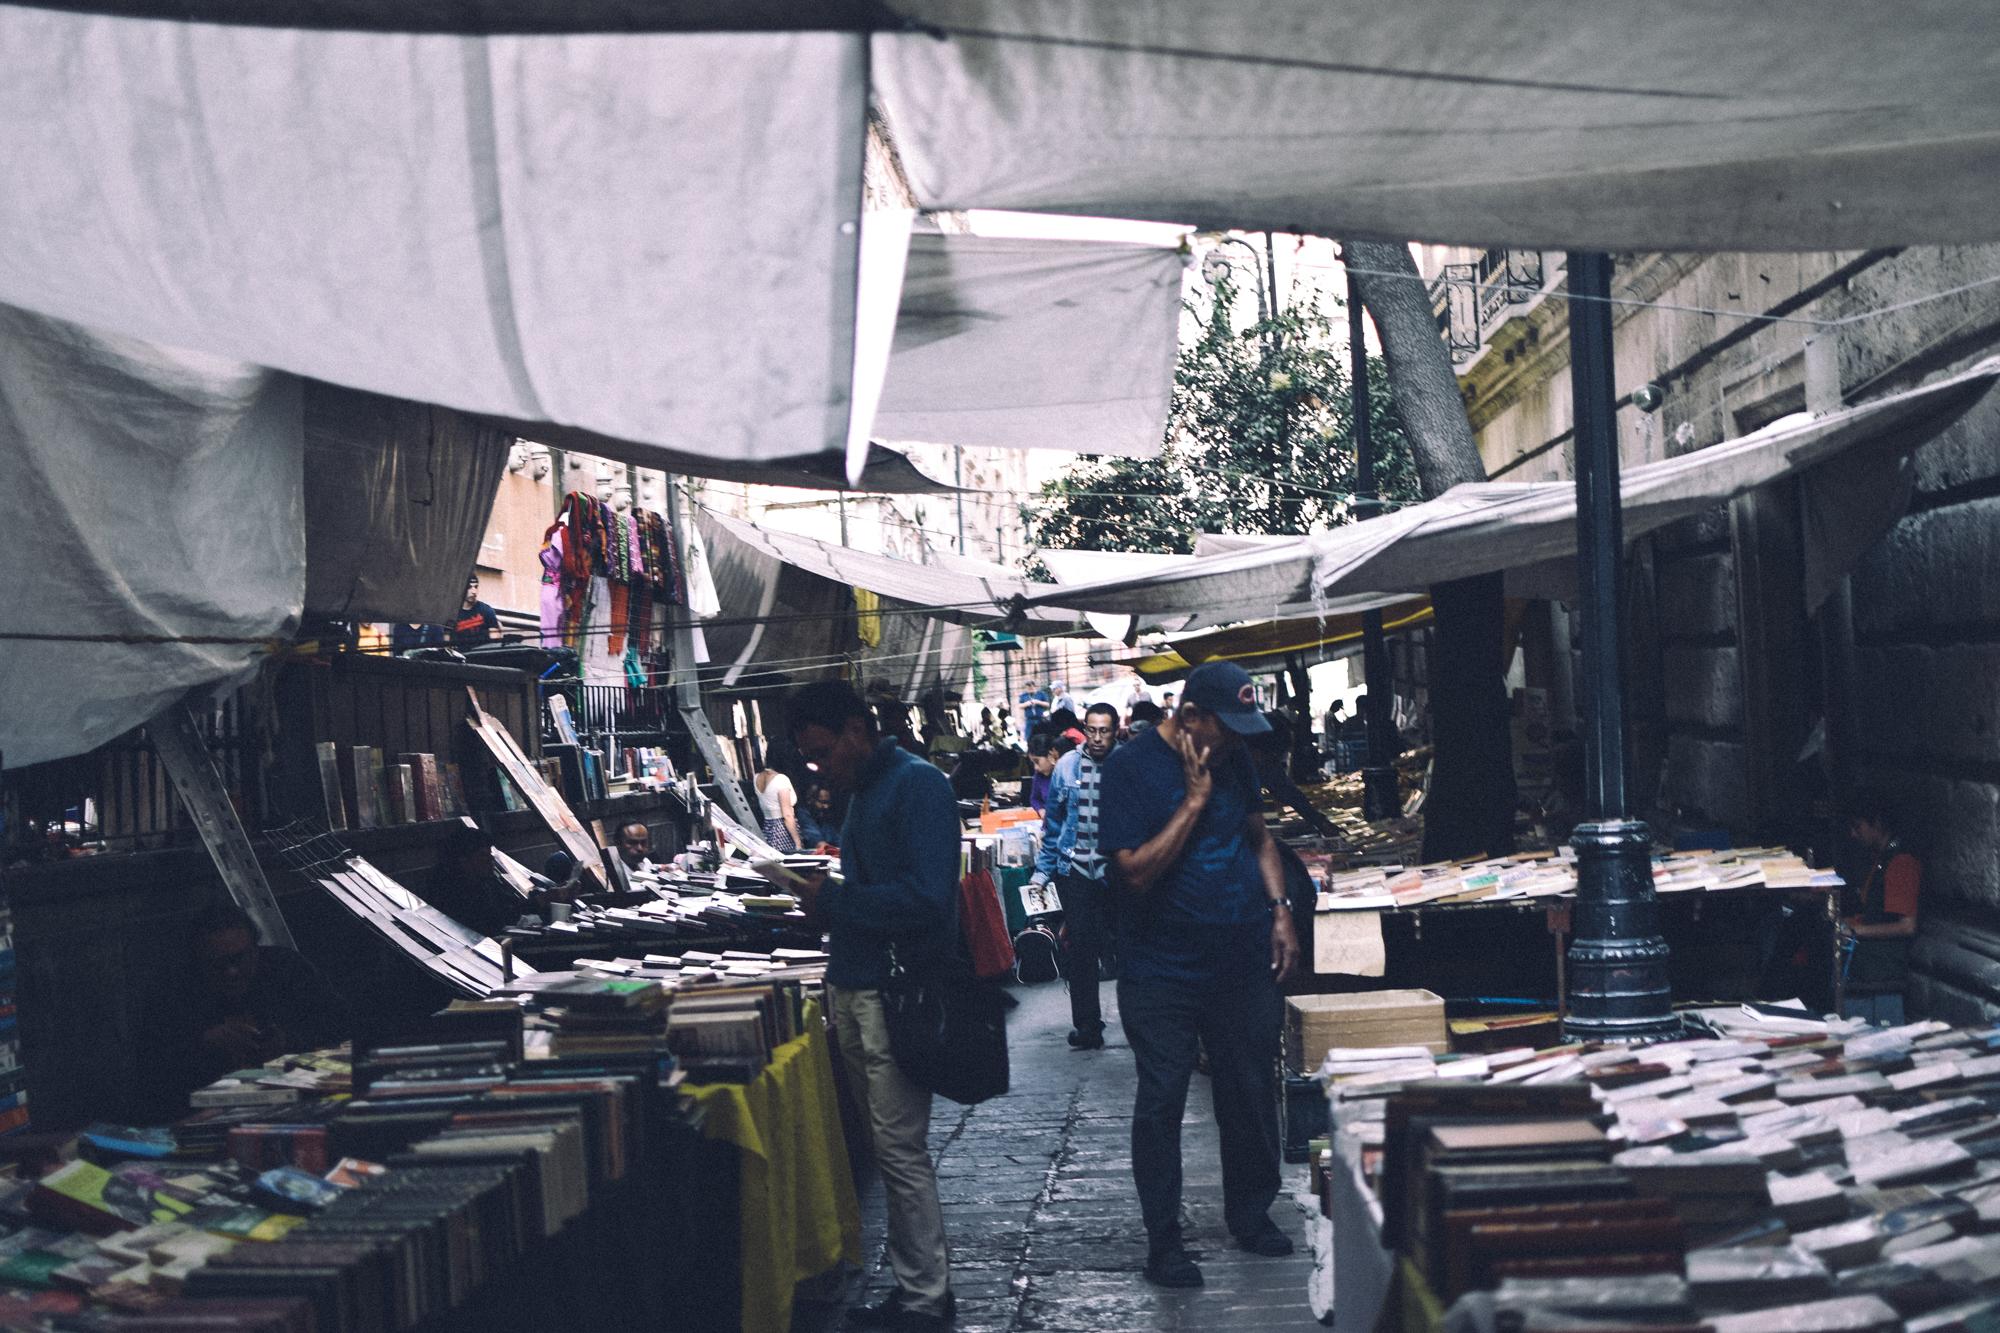 Kyle Studstill_photojournal_travel_Mexico City-50.jpg